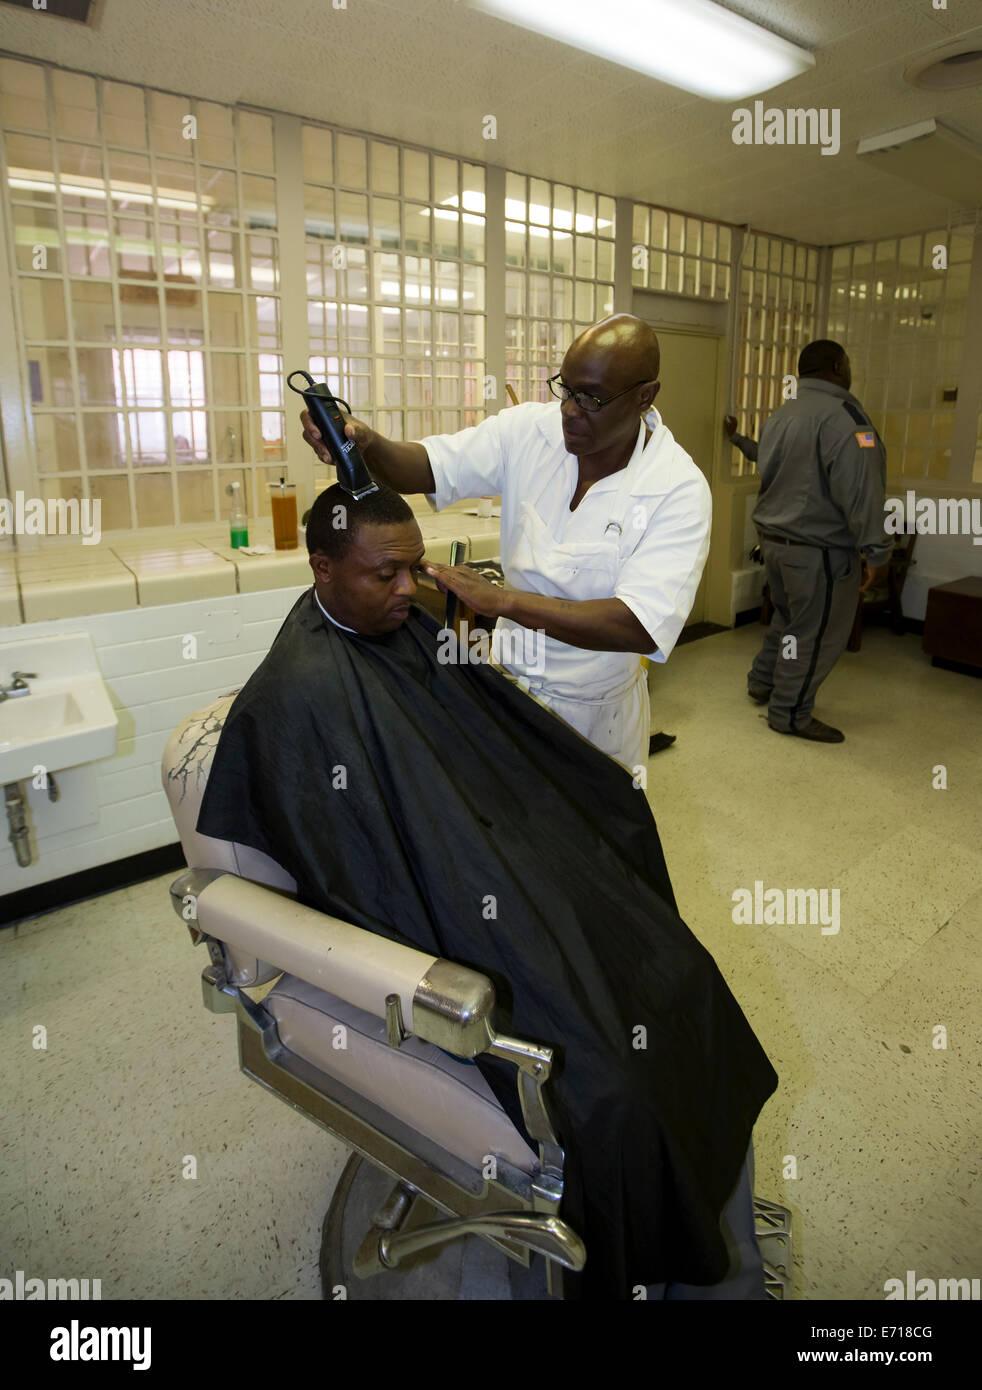 Coupes de cheveux de détenu codétenu à la coiffure à l'intérieur de la prison de Darrington, Photo Stock